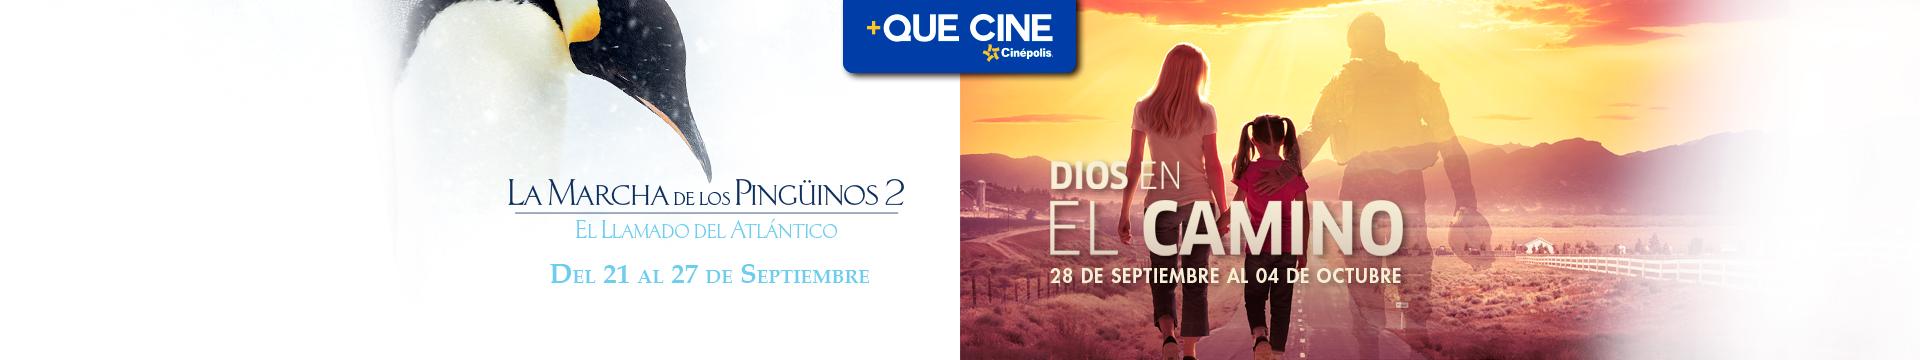 +Que Cine (La marcha de los pingüinos / Dios en el camino)